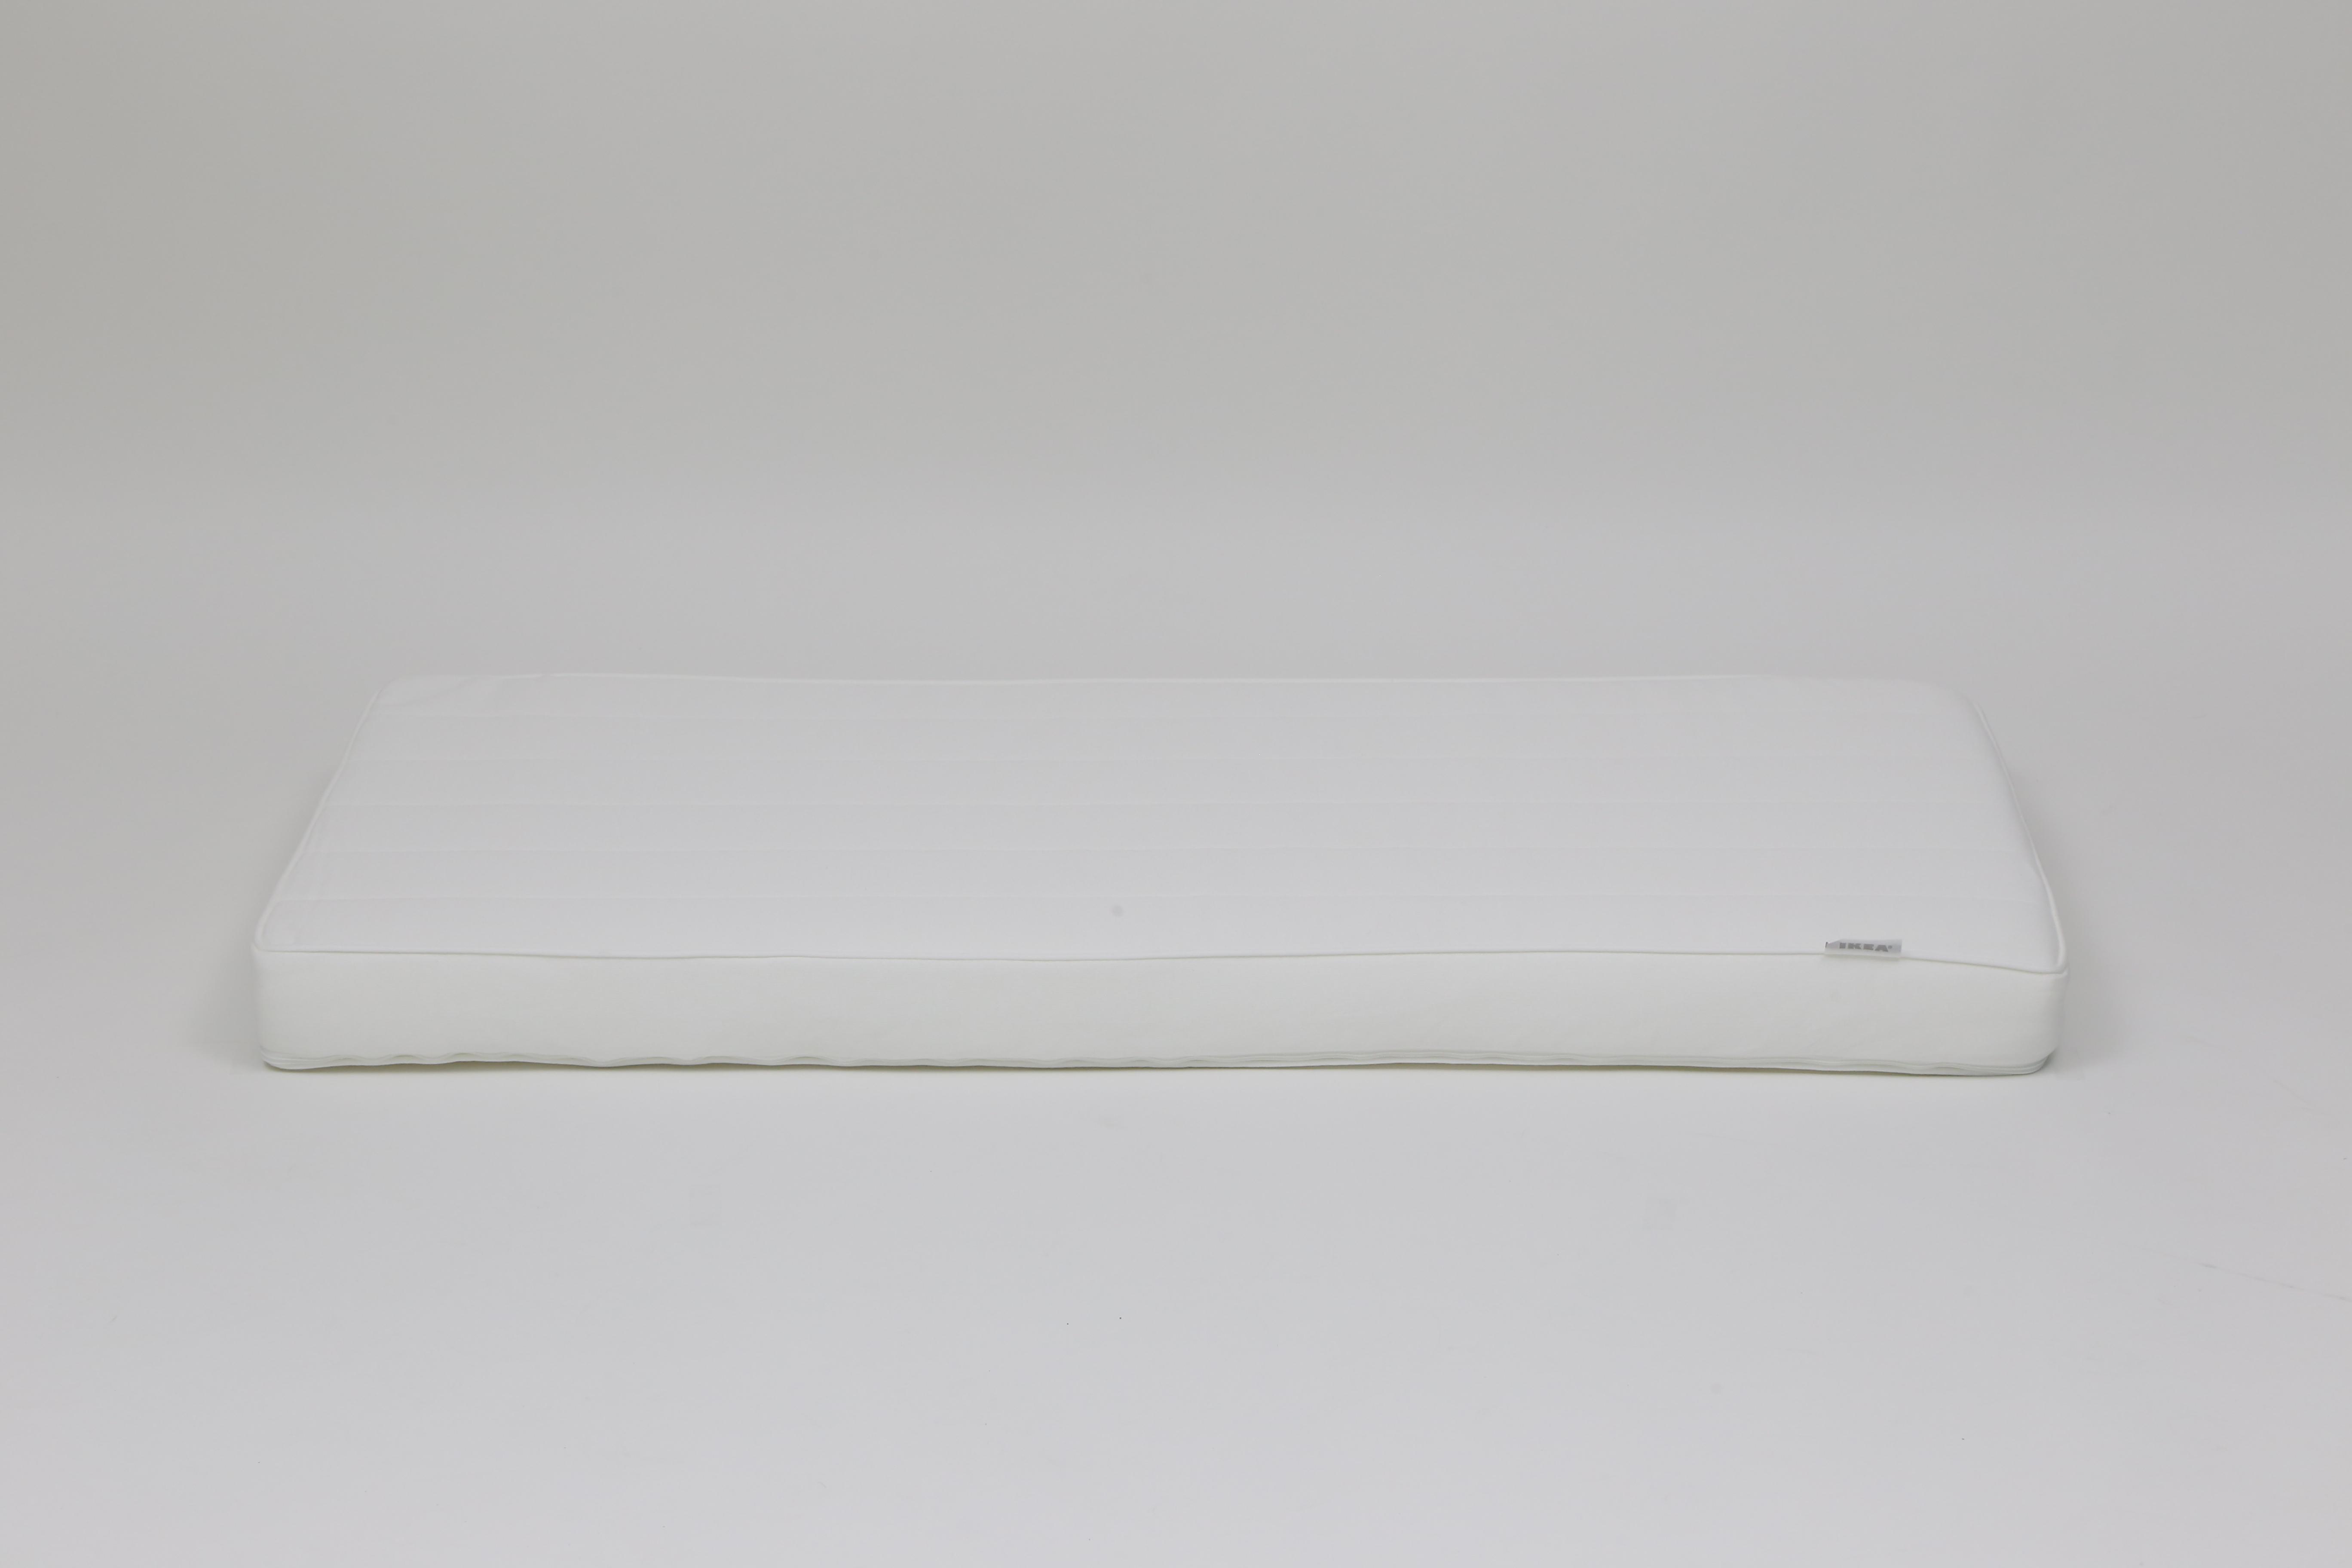 Produit Ikea Vyssa Skont Frc